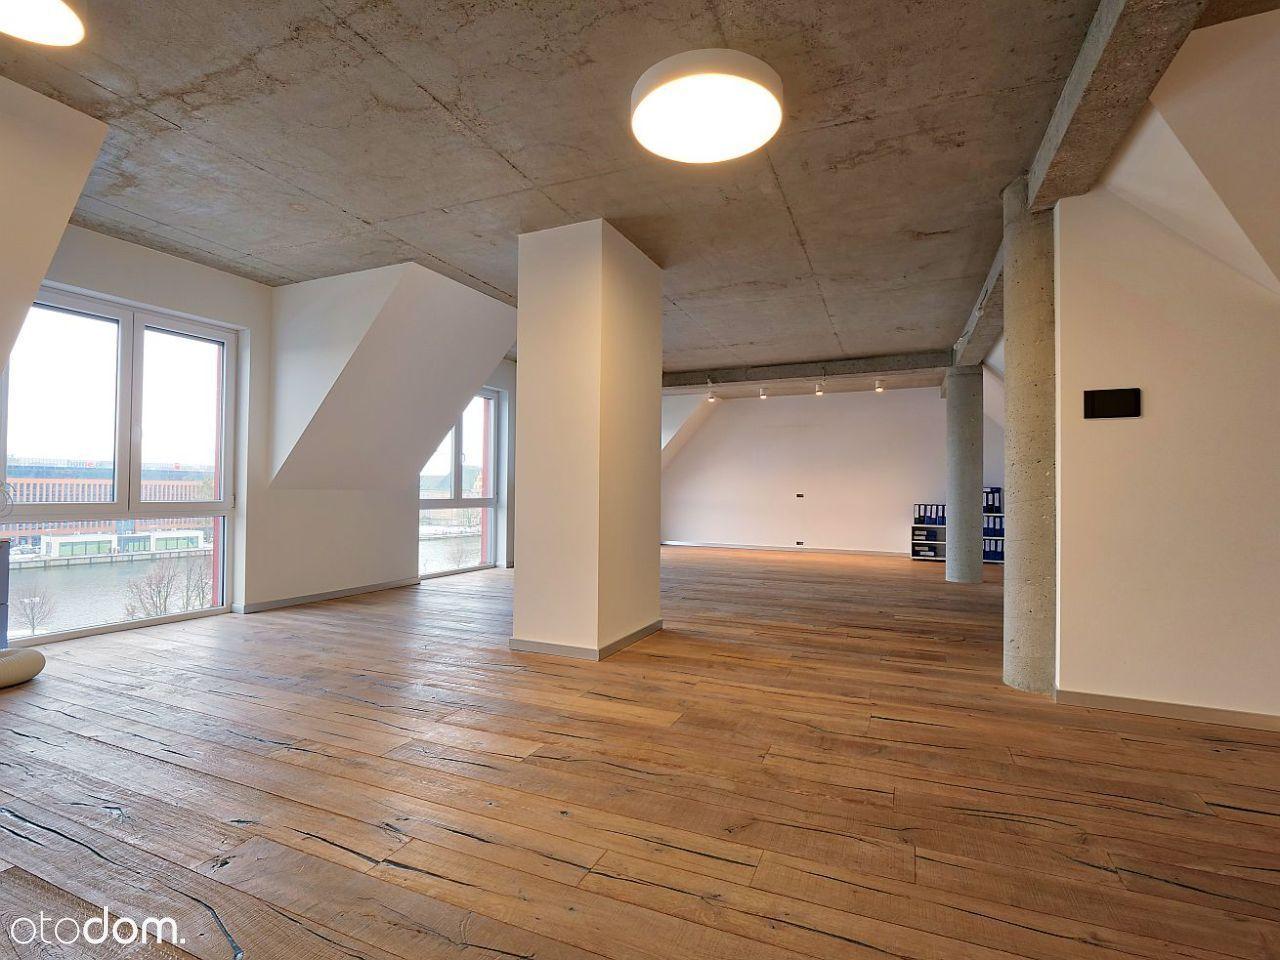 największe mieszkanie w całym Szczecinie - 308 m²